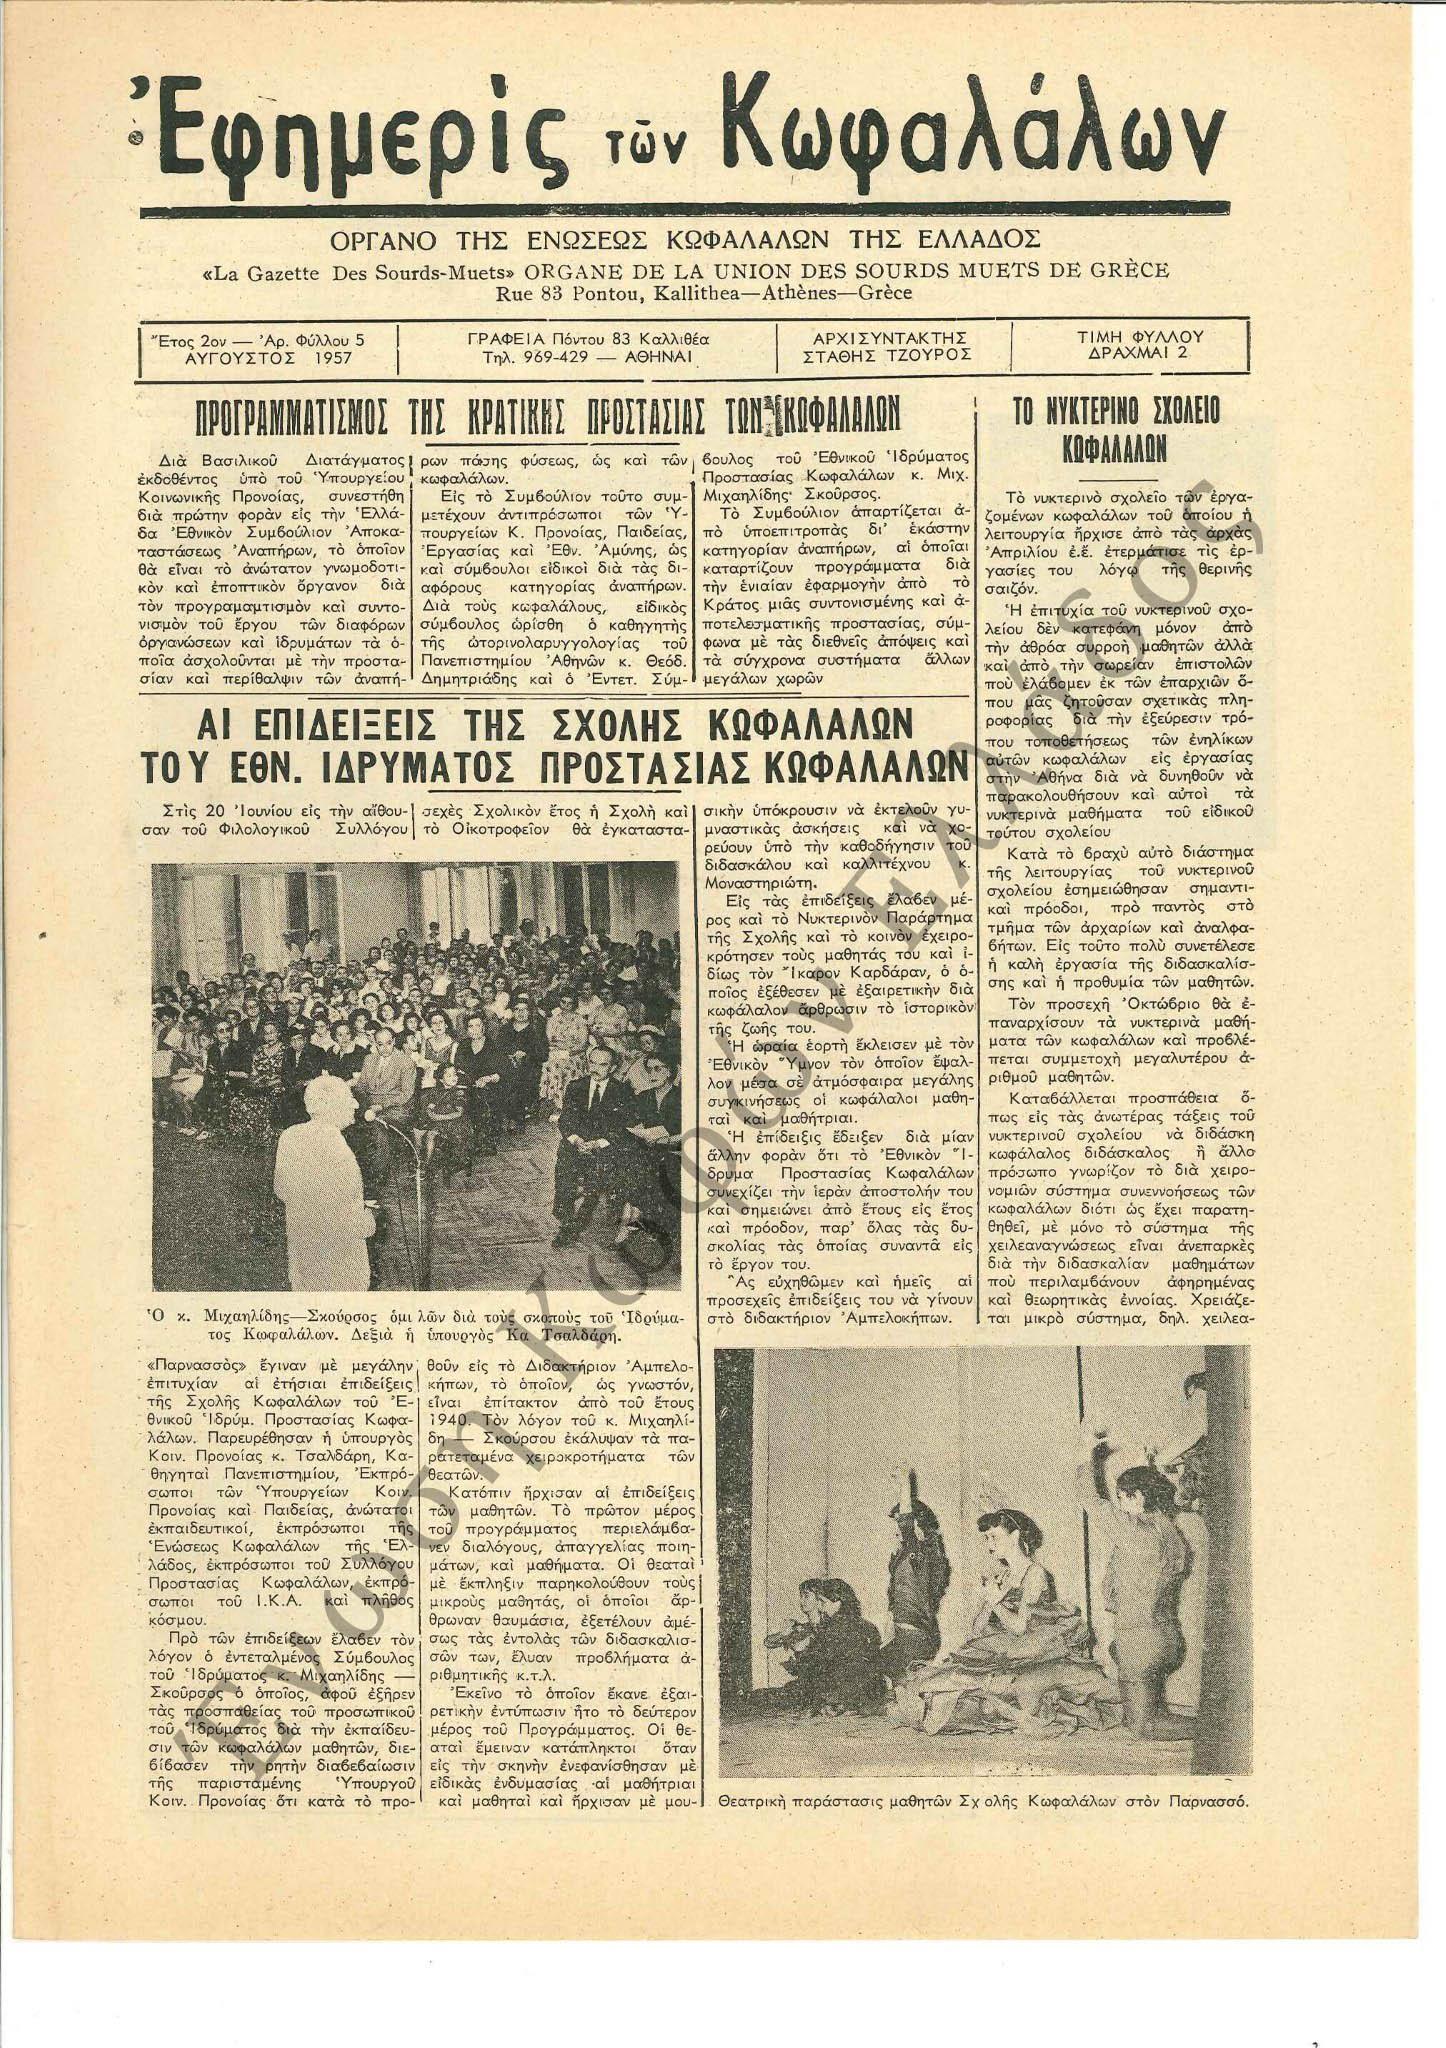 Εφημερίς των Κωφαλάλων 1957-Αύγουστος 1